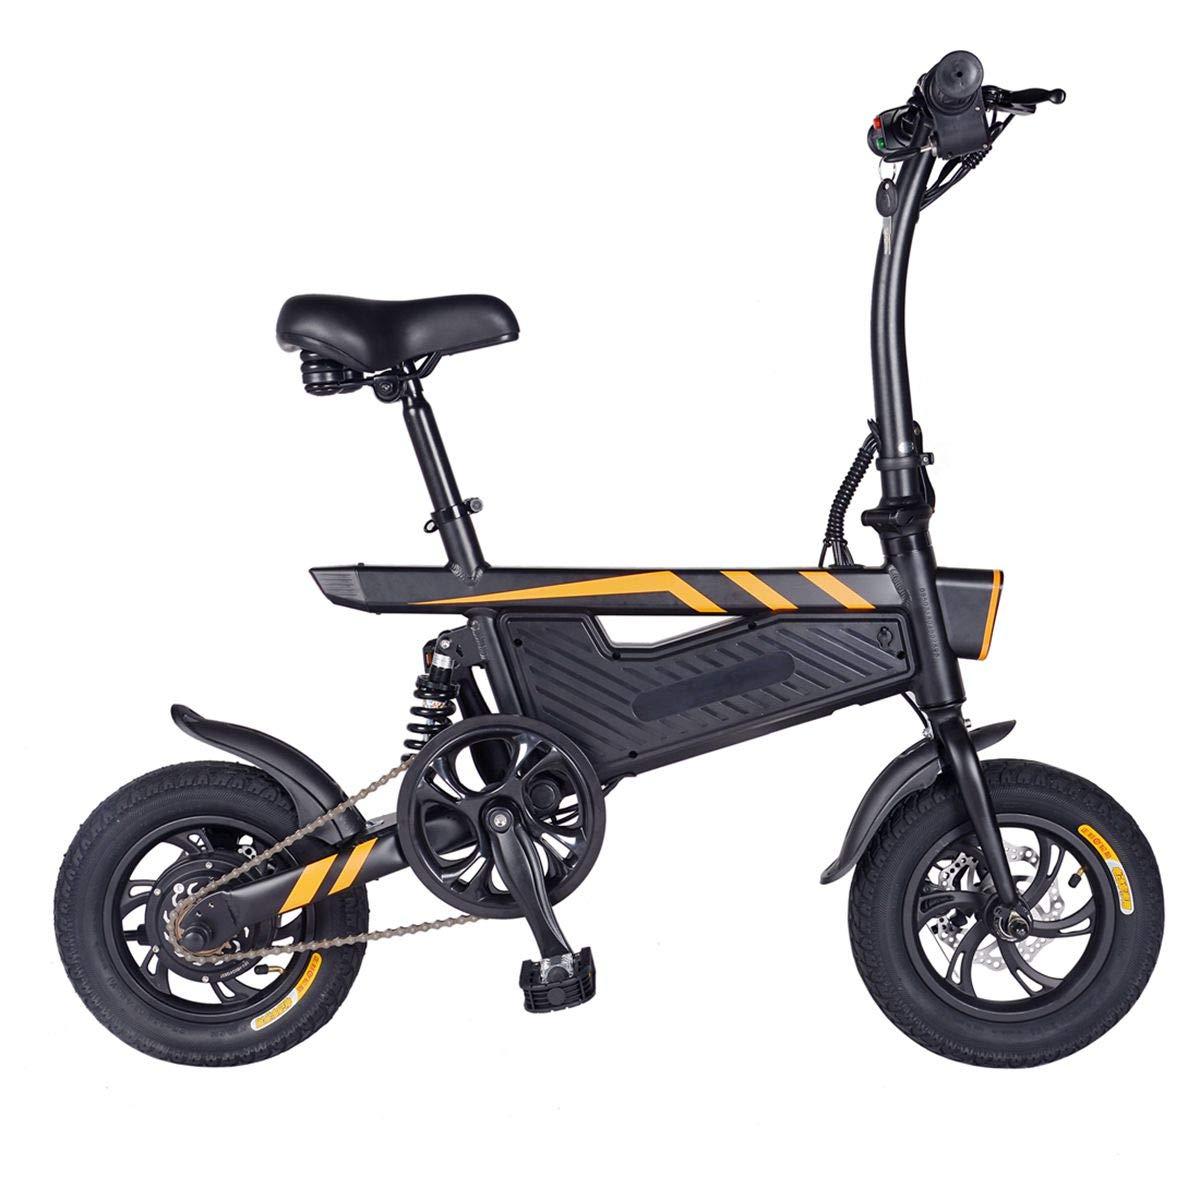 Amazon.com: ziyoujiguang T18 Mini Electric Bike Foldable ...